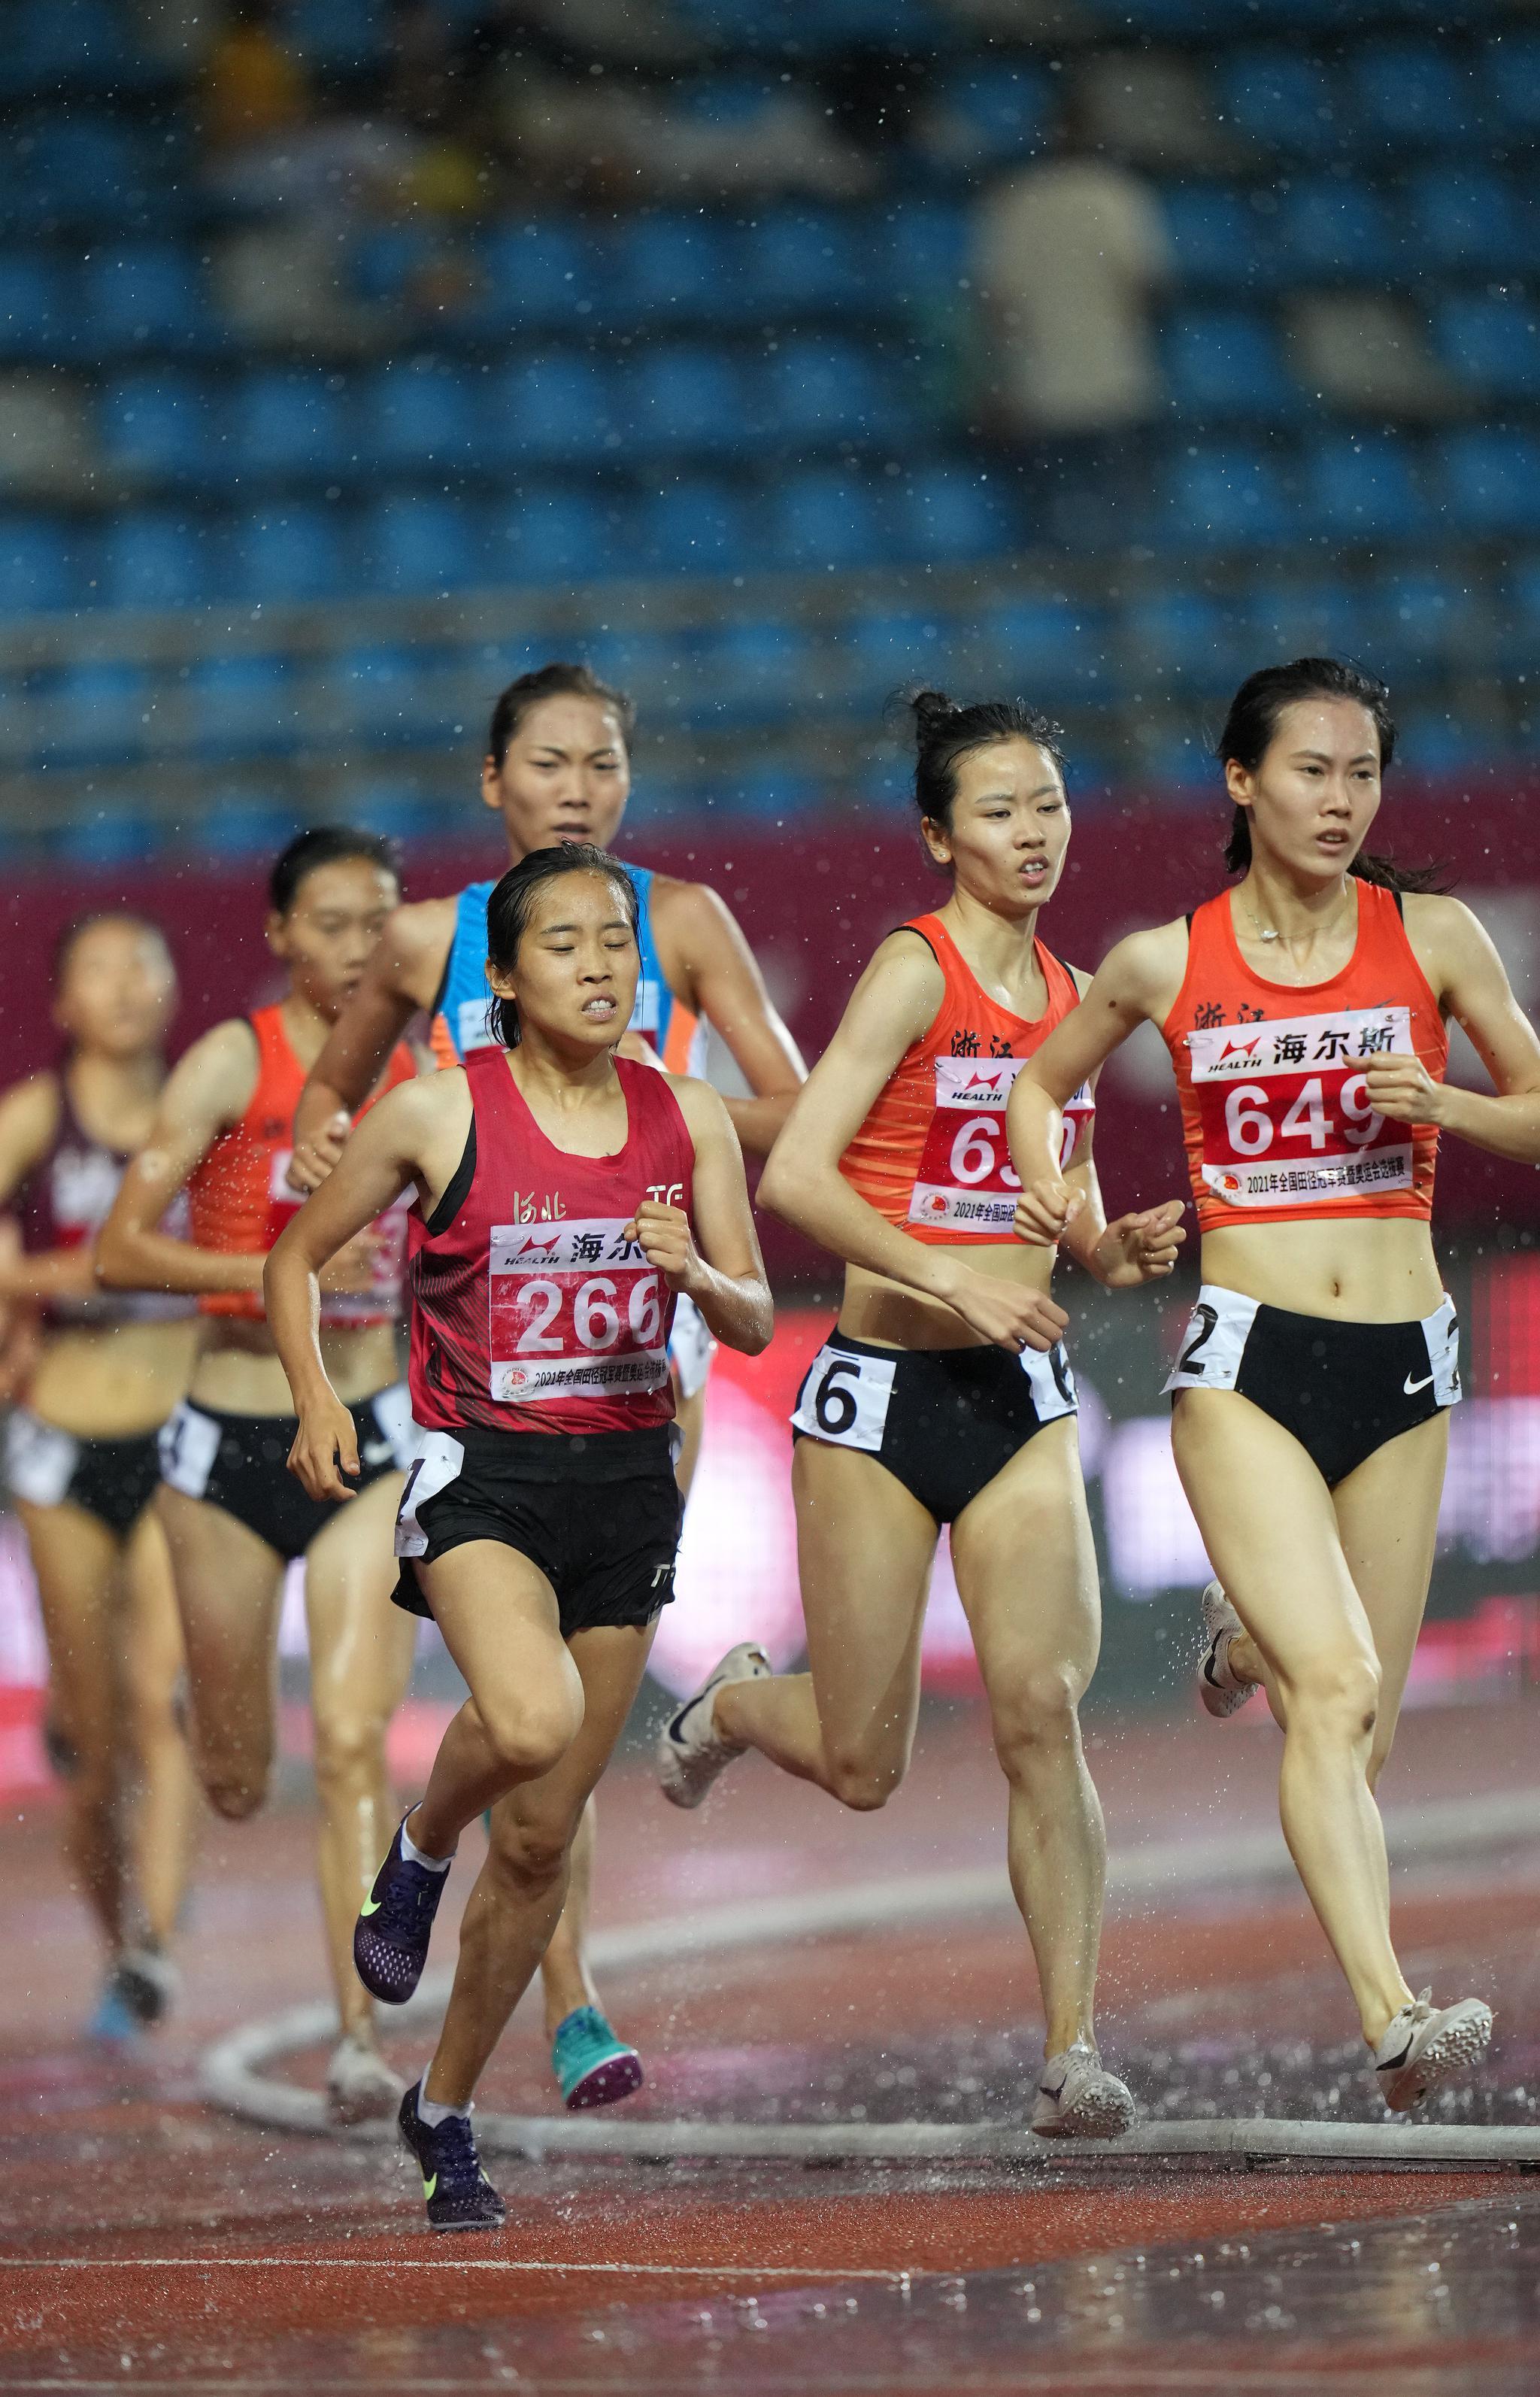 田径——全国冠军赛:郑小倩获得女子1500米冠军